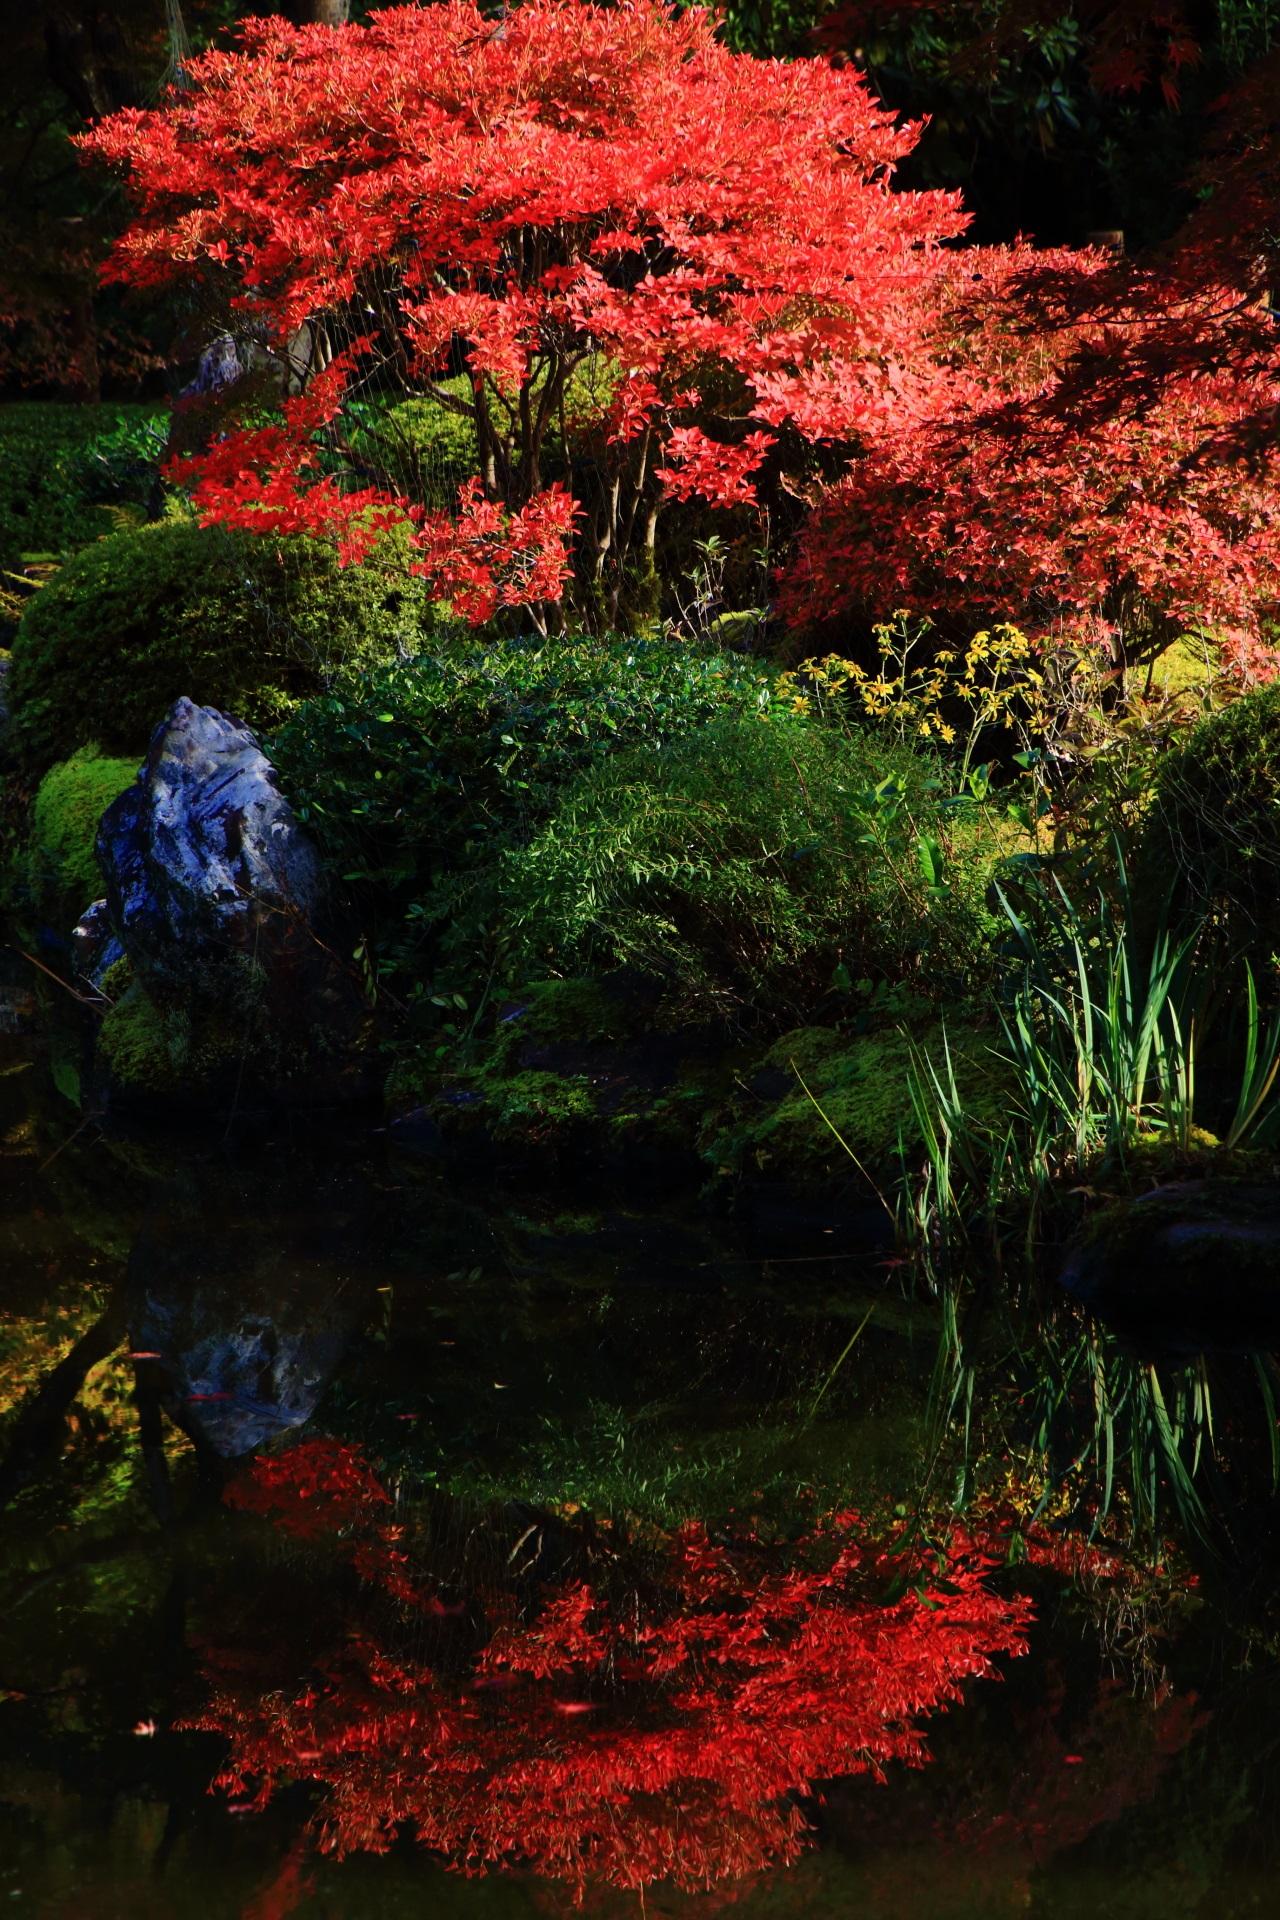 三室戸寺のツツジの紅葉の水鏡